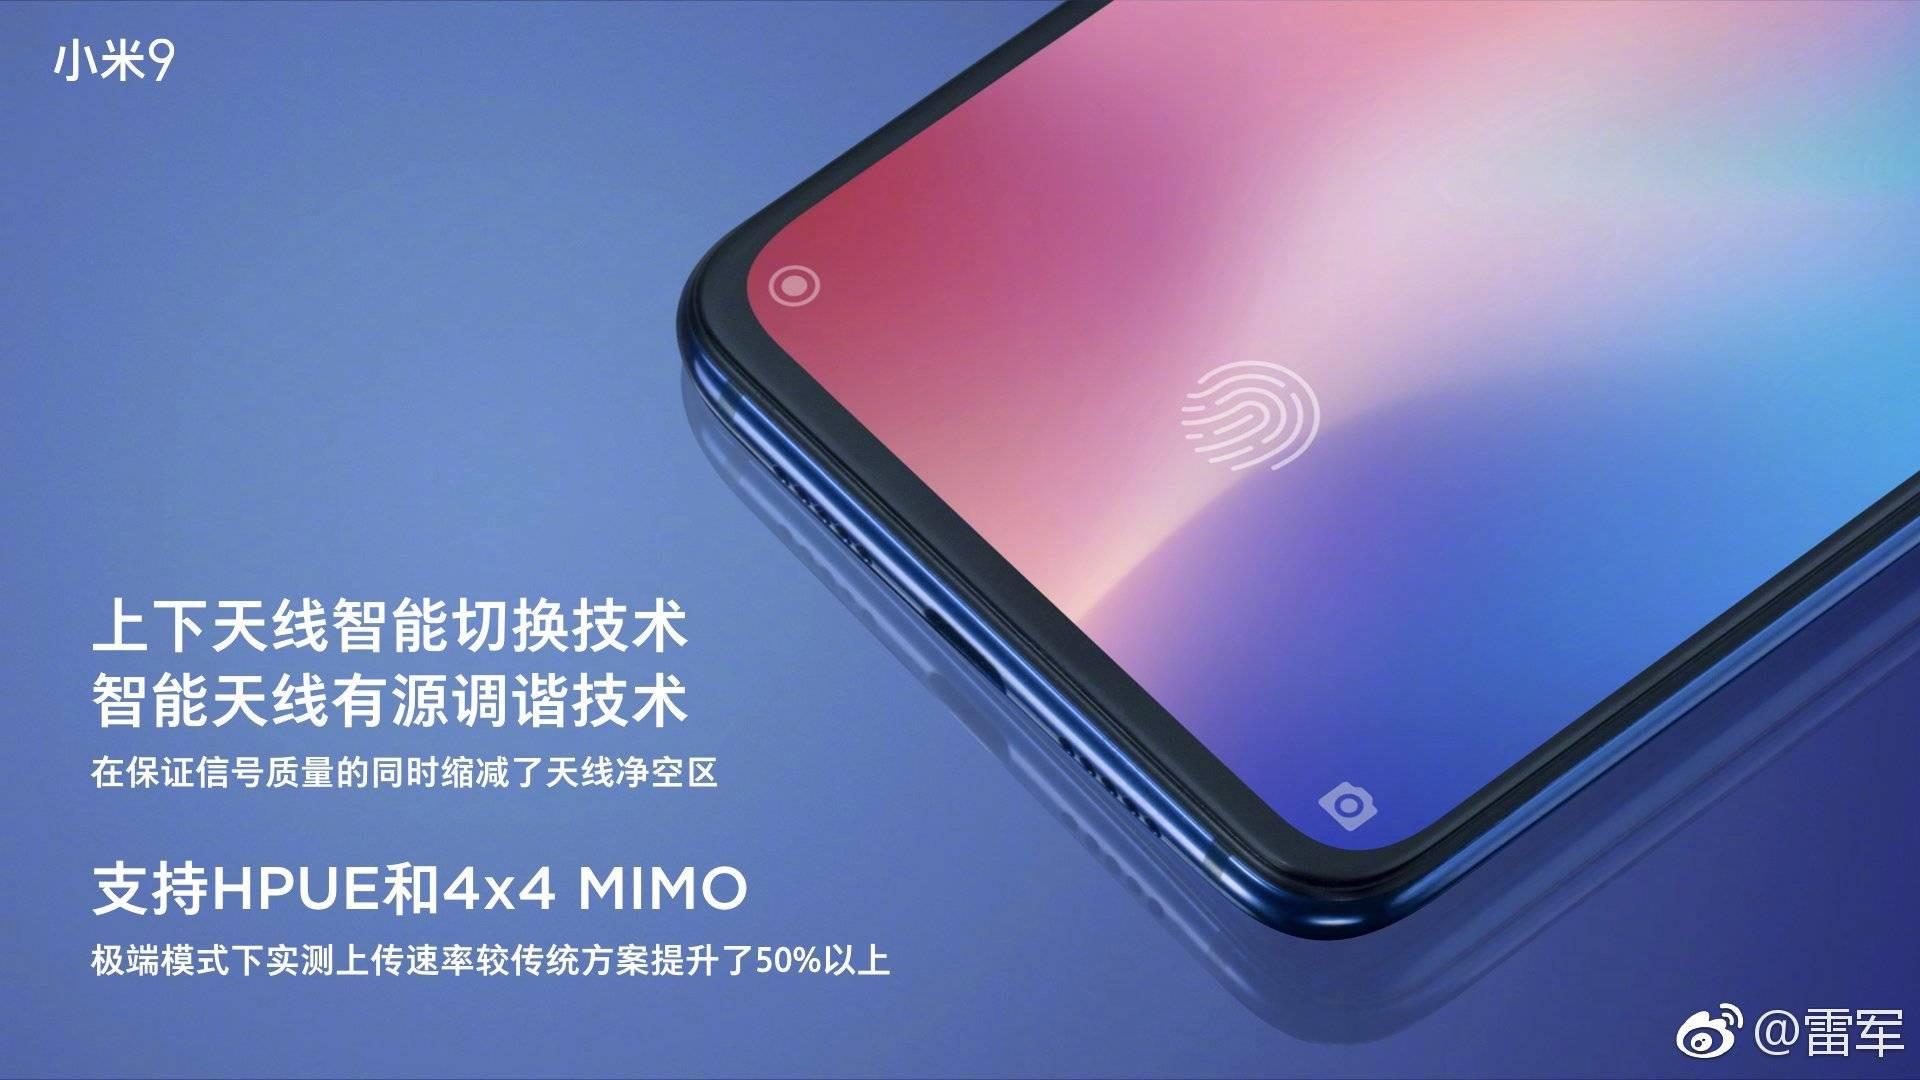 Xiaomi Mi 9 contará con mejora de cobertura MIMO 4x4 y HPUE noticias xiaomi adictos xiaomiadictos